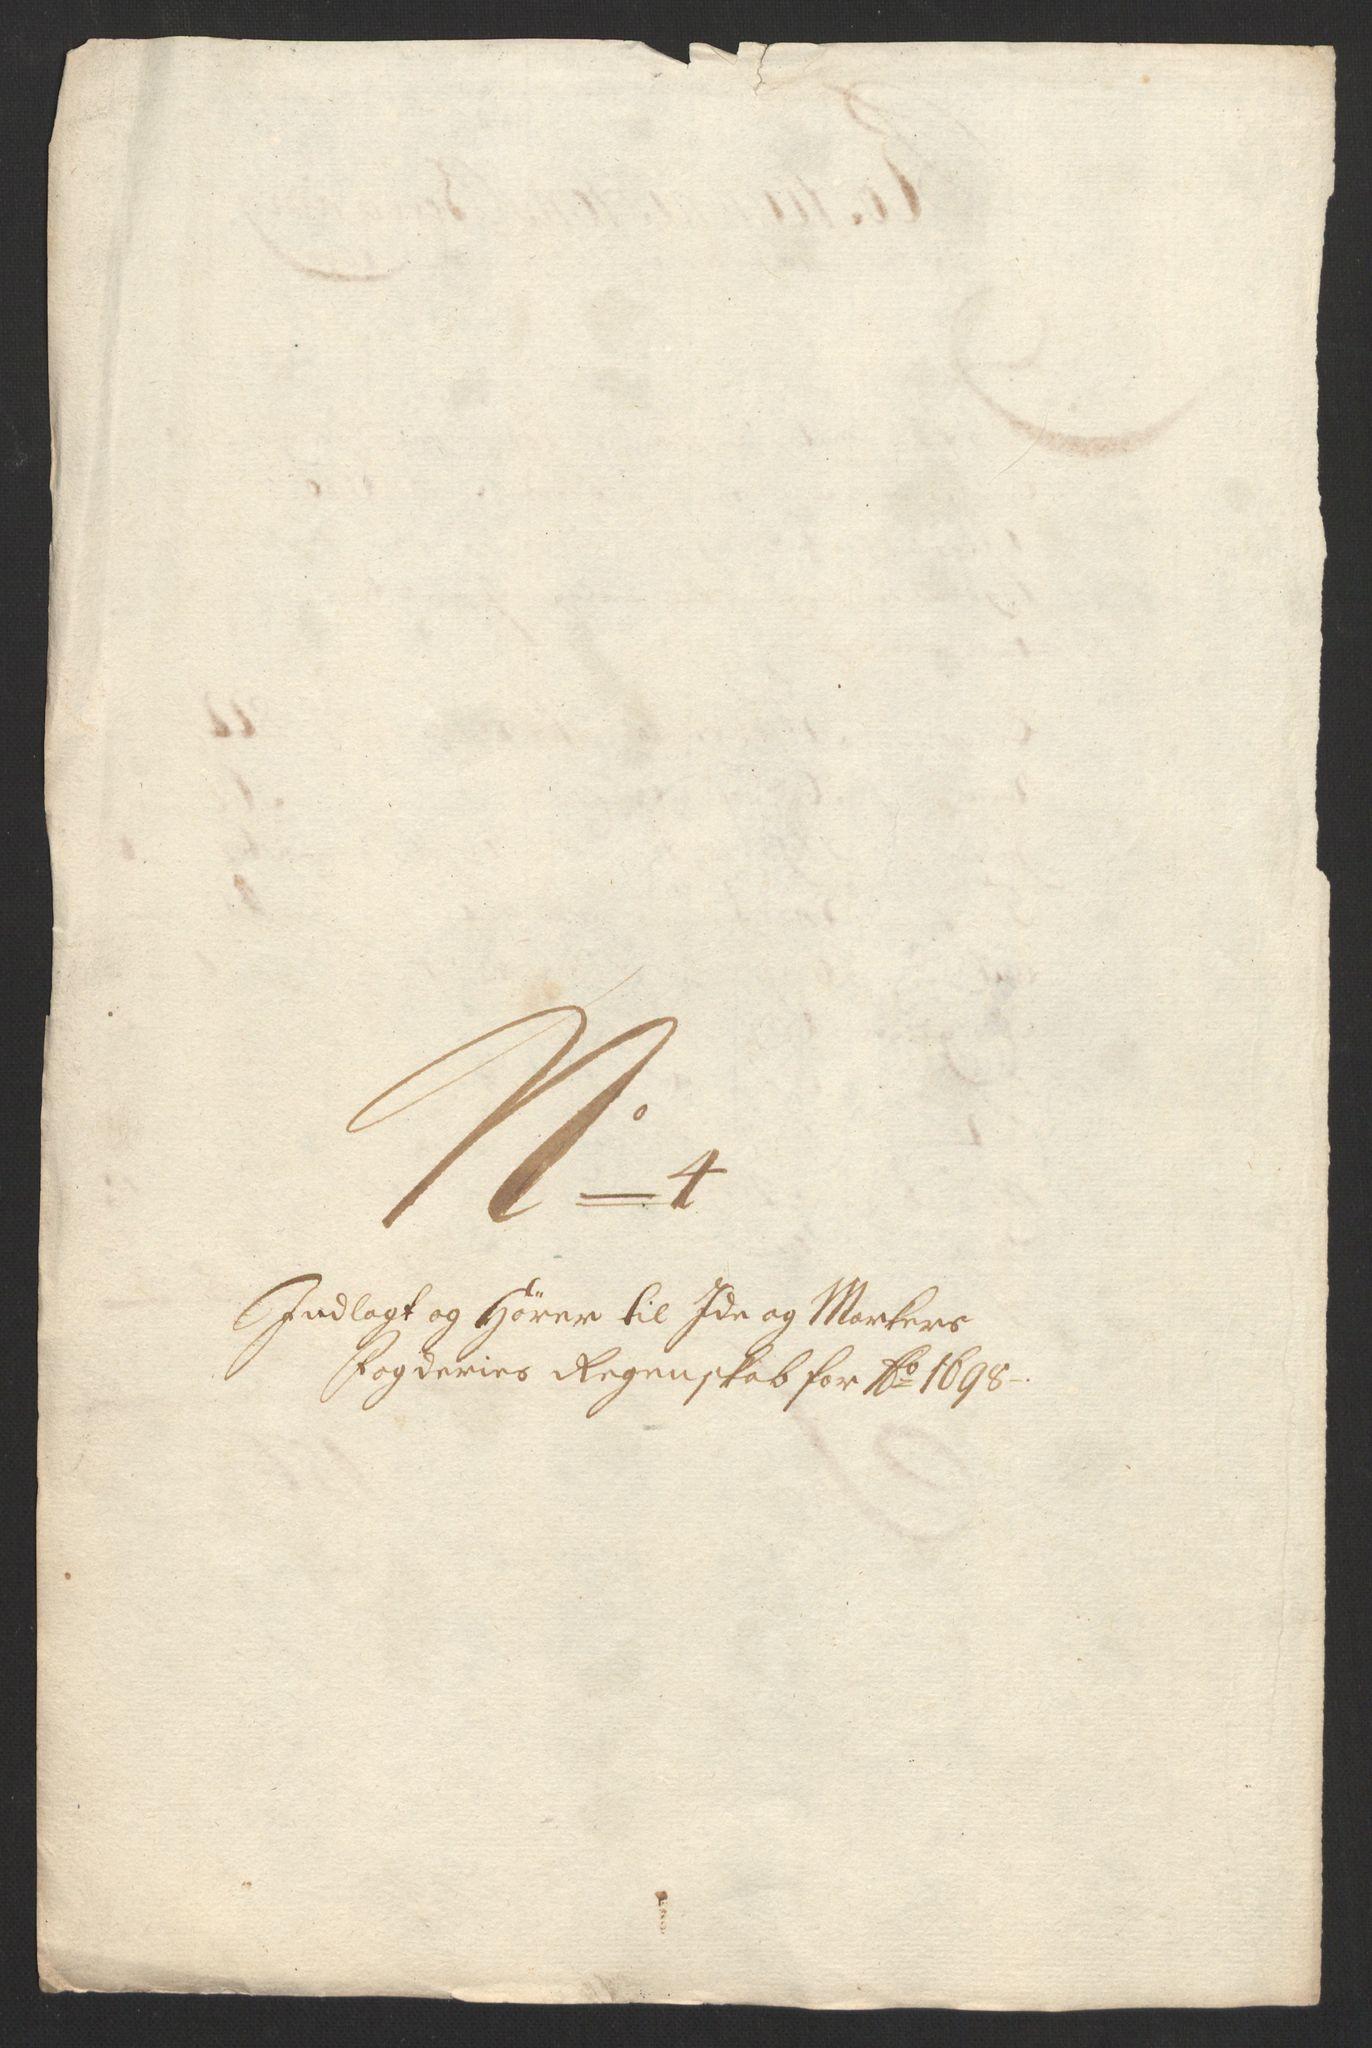 RA, Rentekammeret inntil 1814, Reviderte regnskaper, Fogderegnskap, R01/L0013: Fogderegnskap Idd og Marker, 1696-1698, s. 340